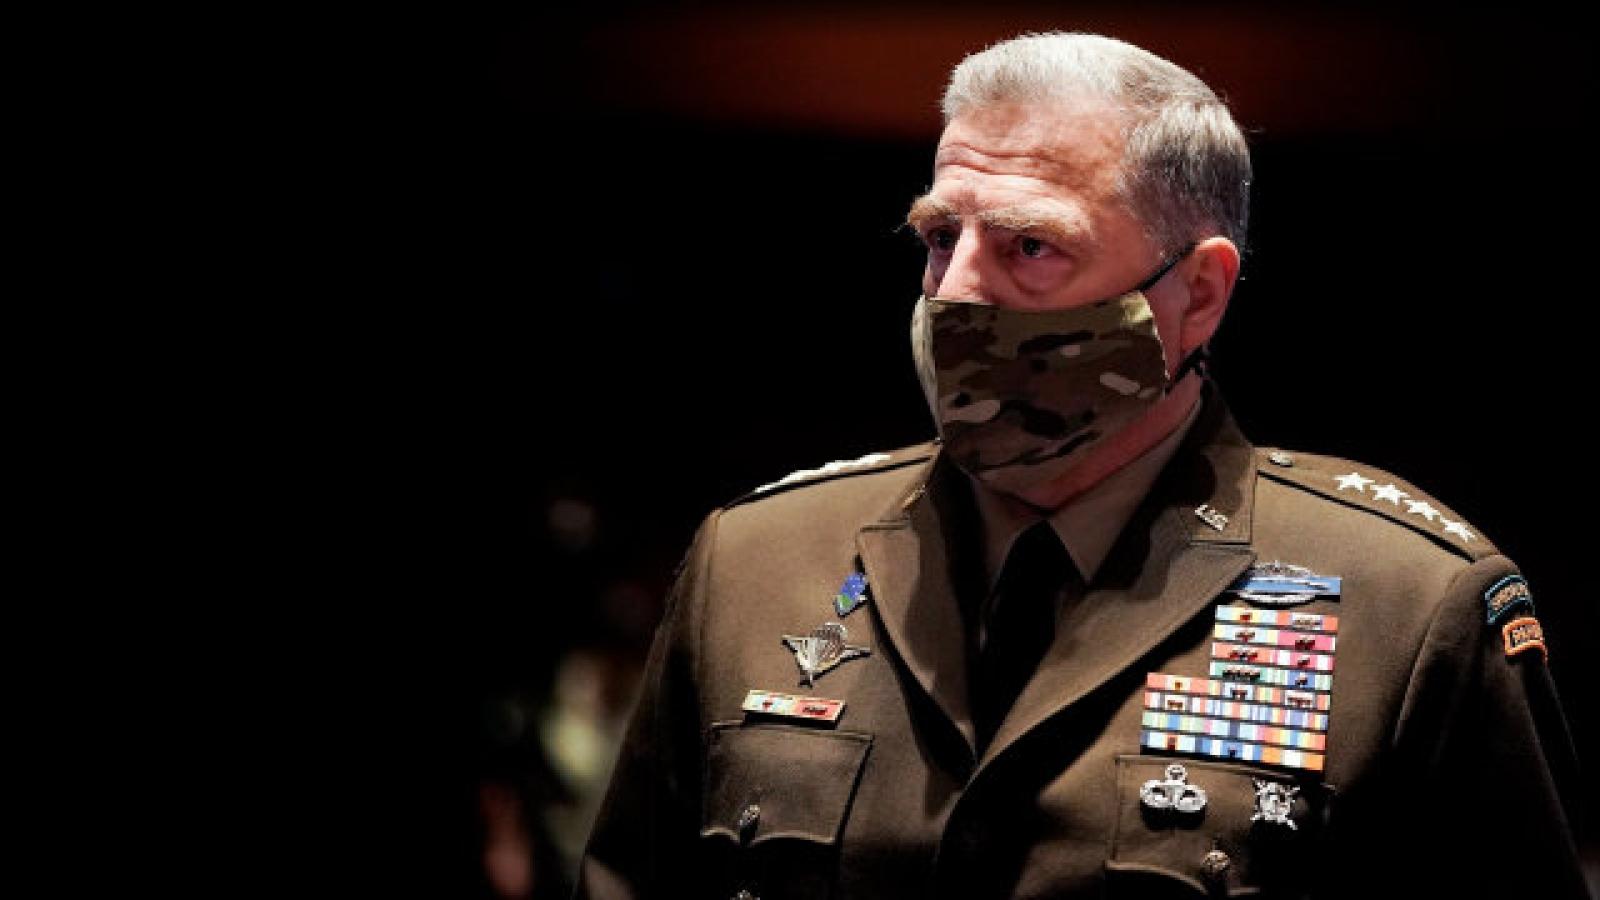 Tướng Mỹ cảnh báo Trung Quốc sẽ vượt Mỹ về quân sự